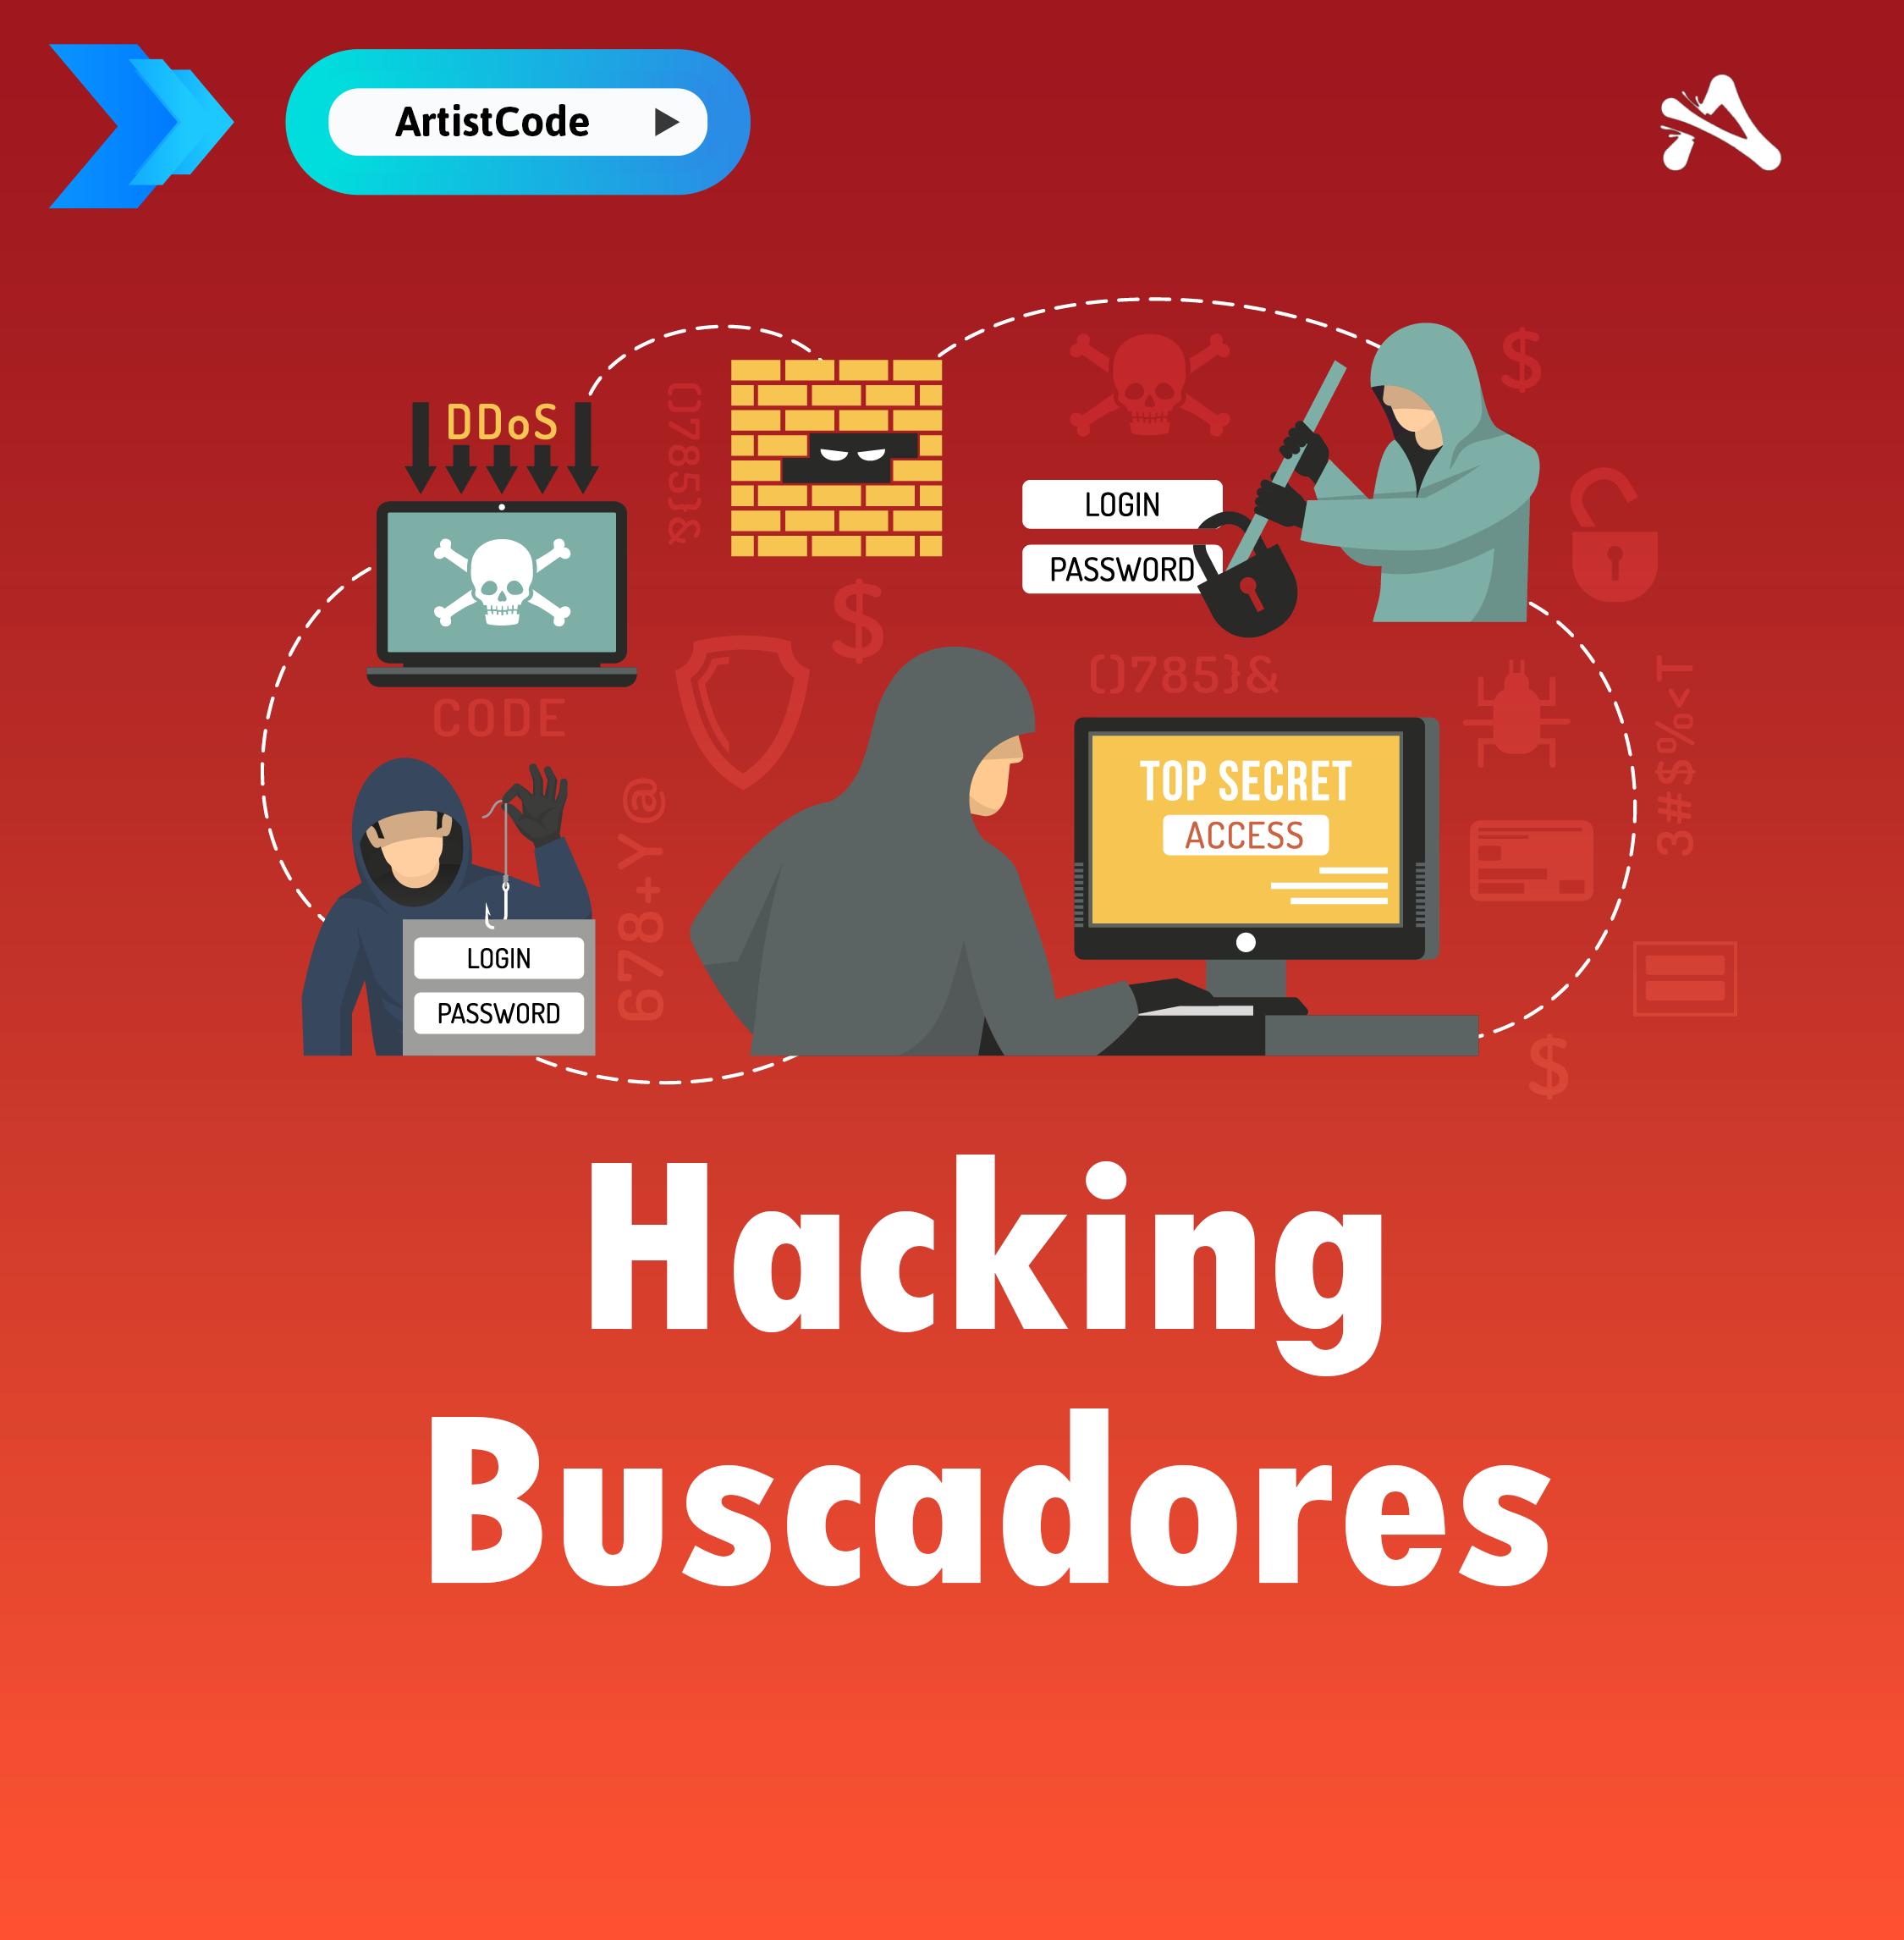 Hacking buscadores